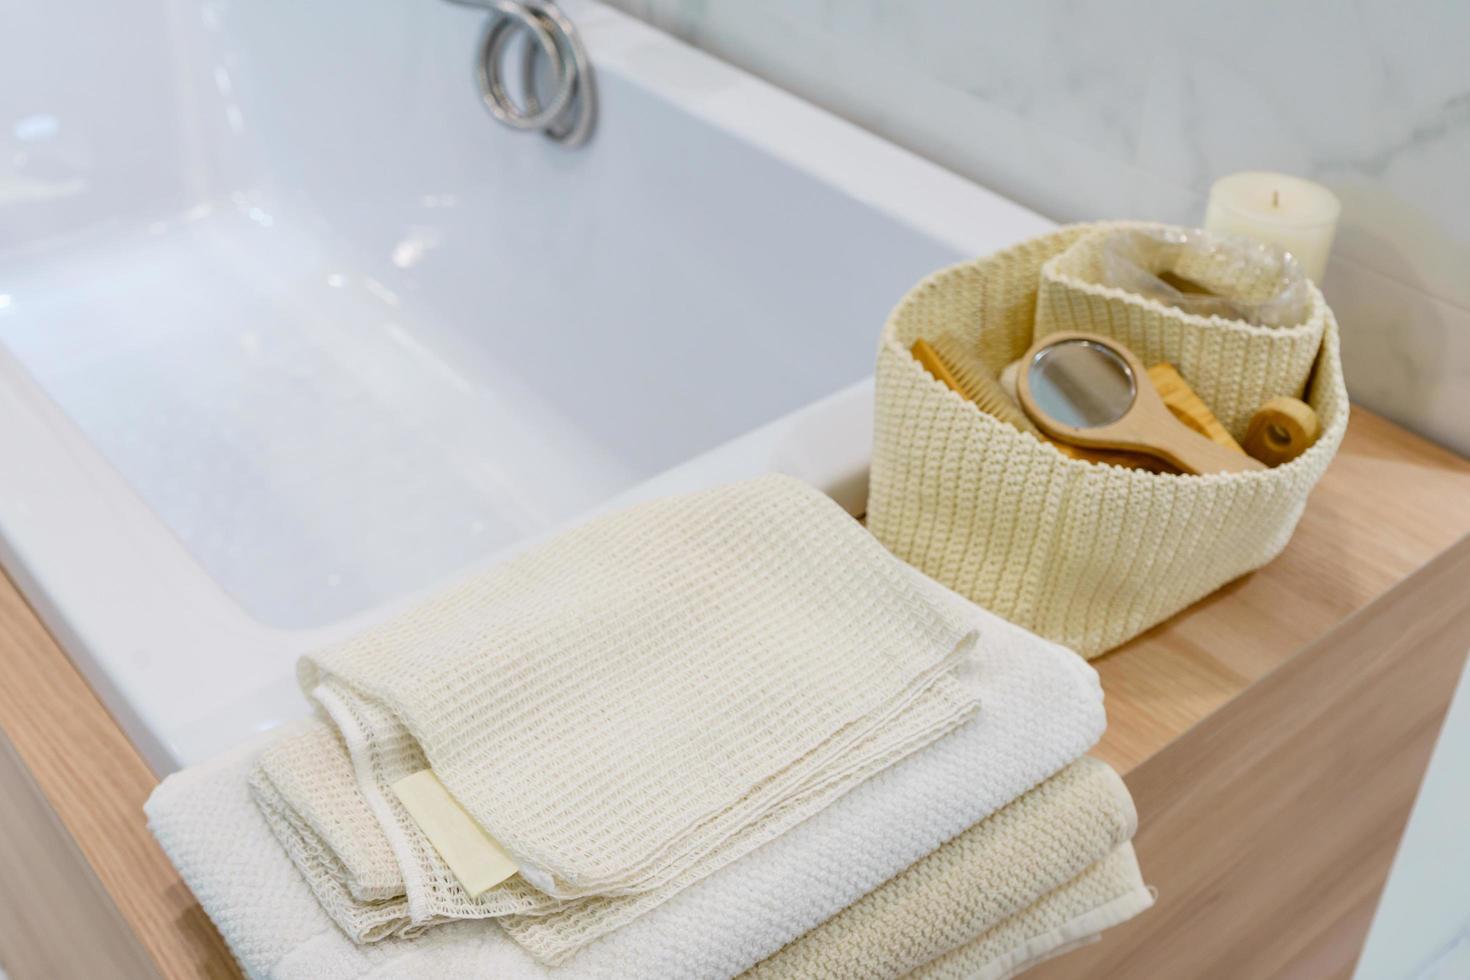 jabón de cerámica, botellas de champú y toallas de algodón blanco foto